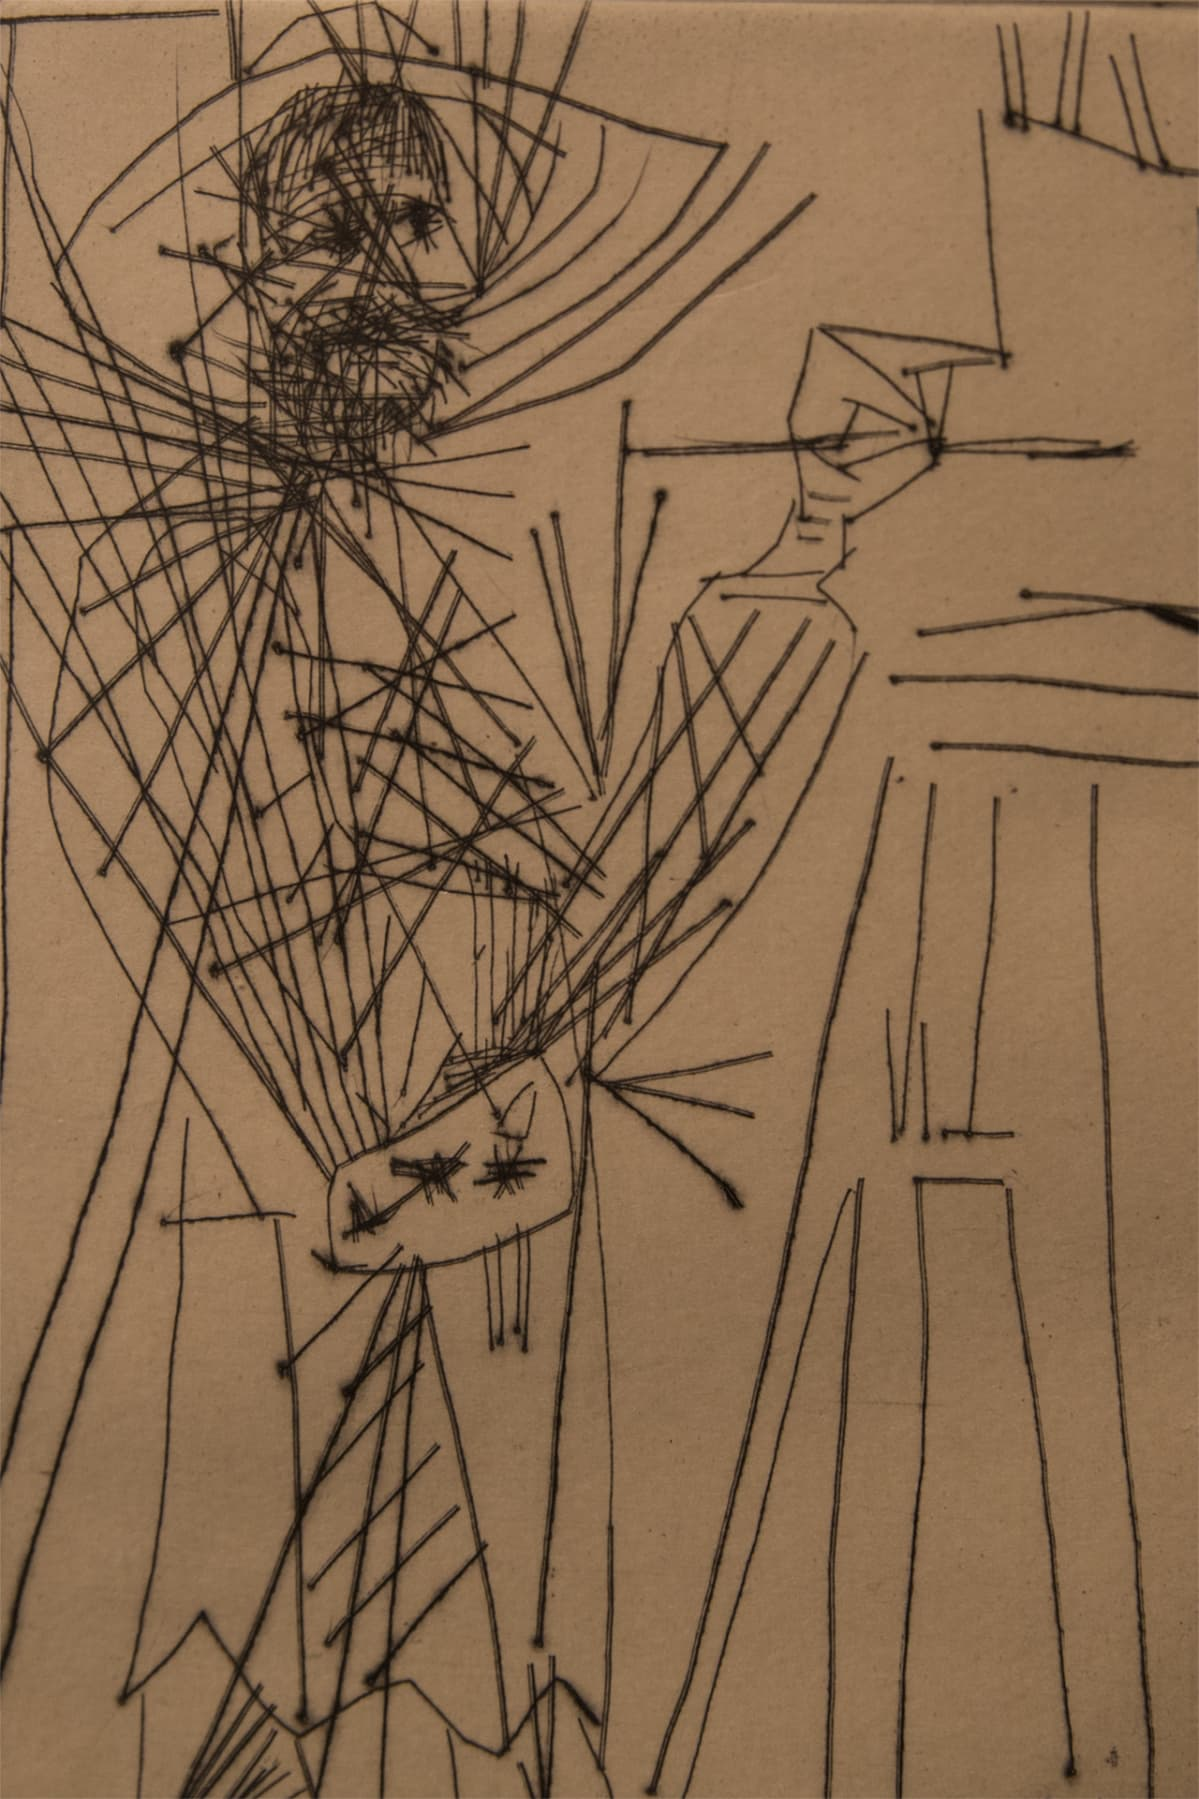 Pablo Picasso, Niko Pirosmani